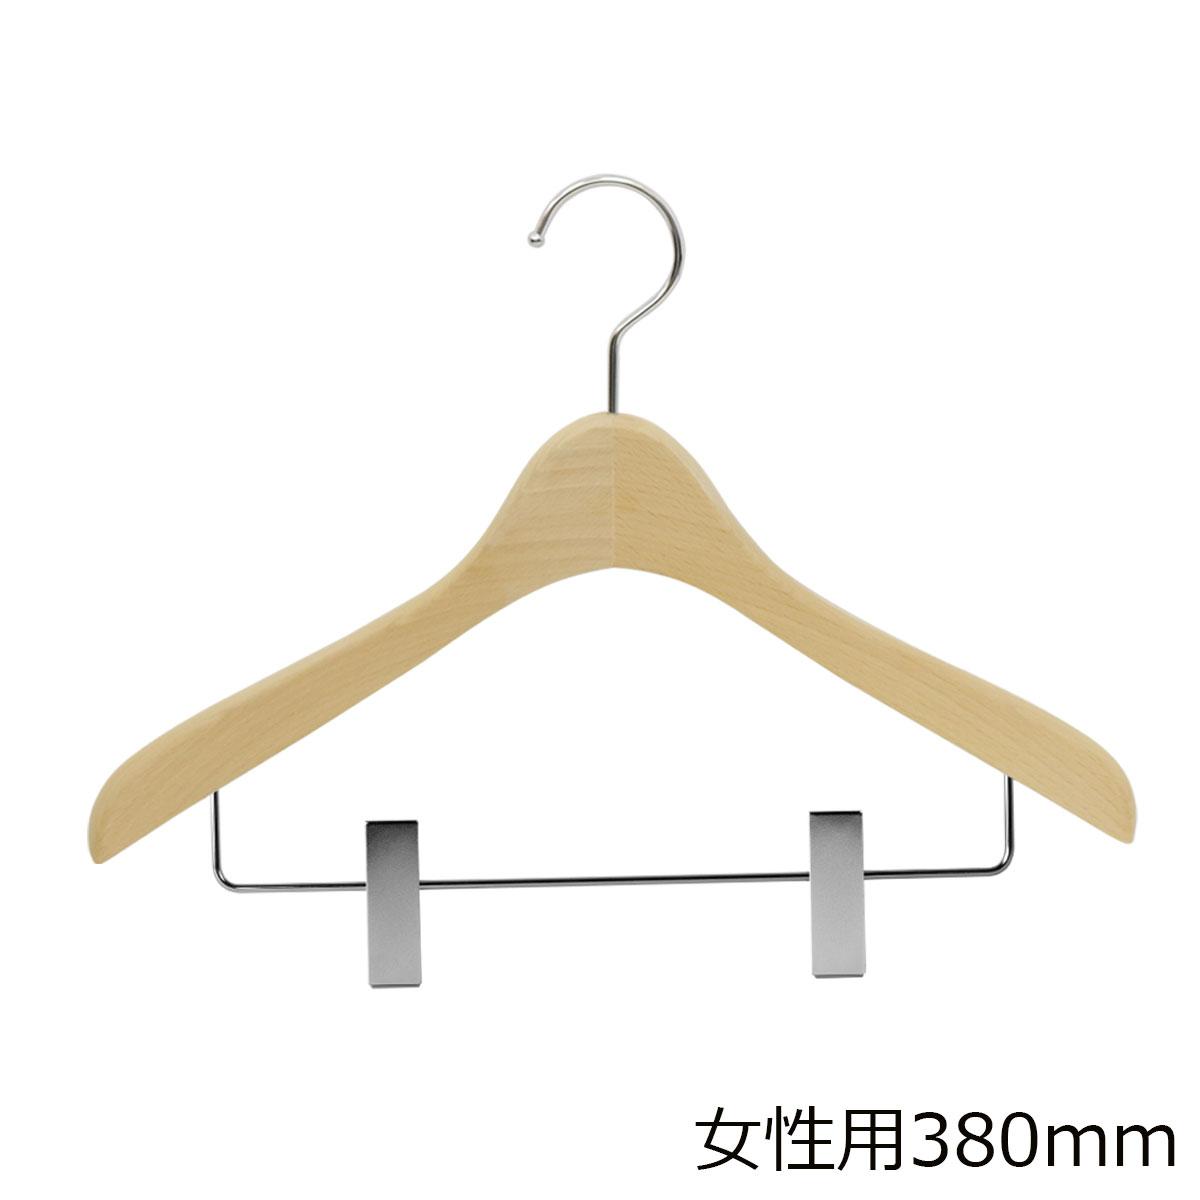 木製ハンガー 15mm厚 ボトム用クリップ付 生地(塗装無)男性用・女性用